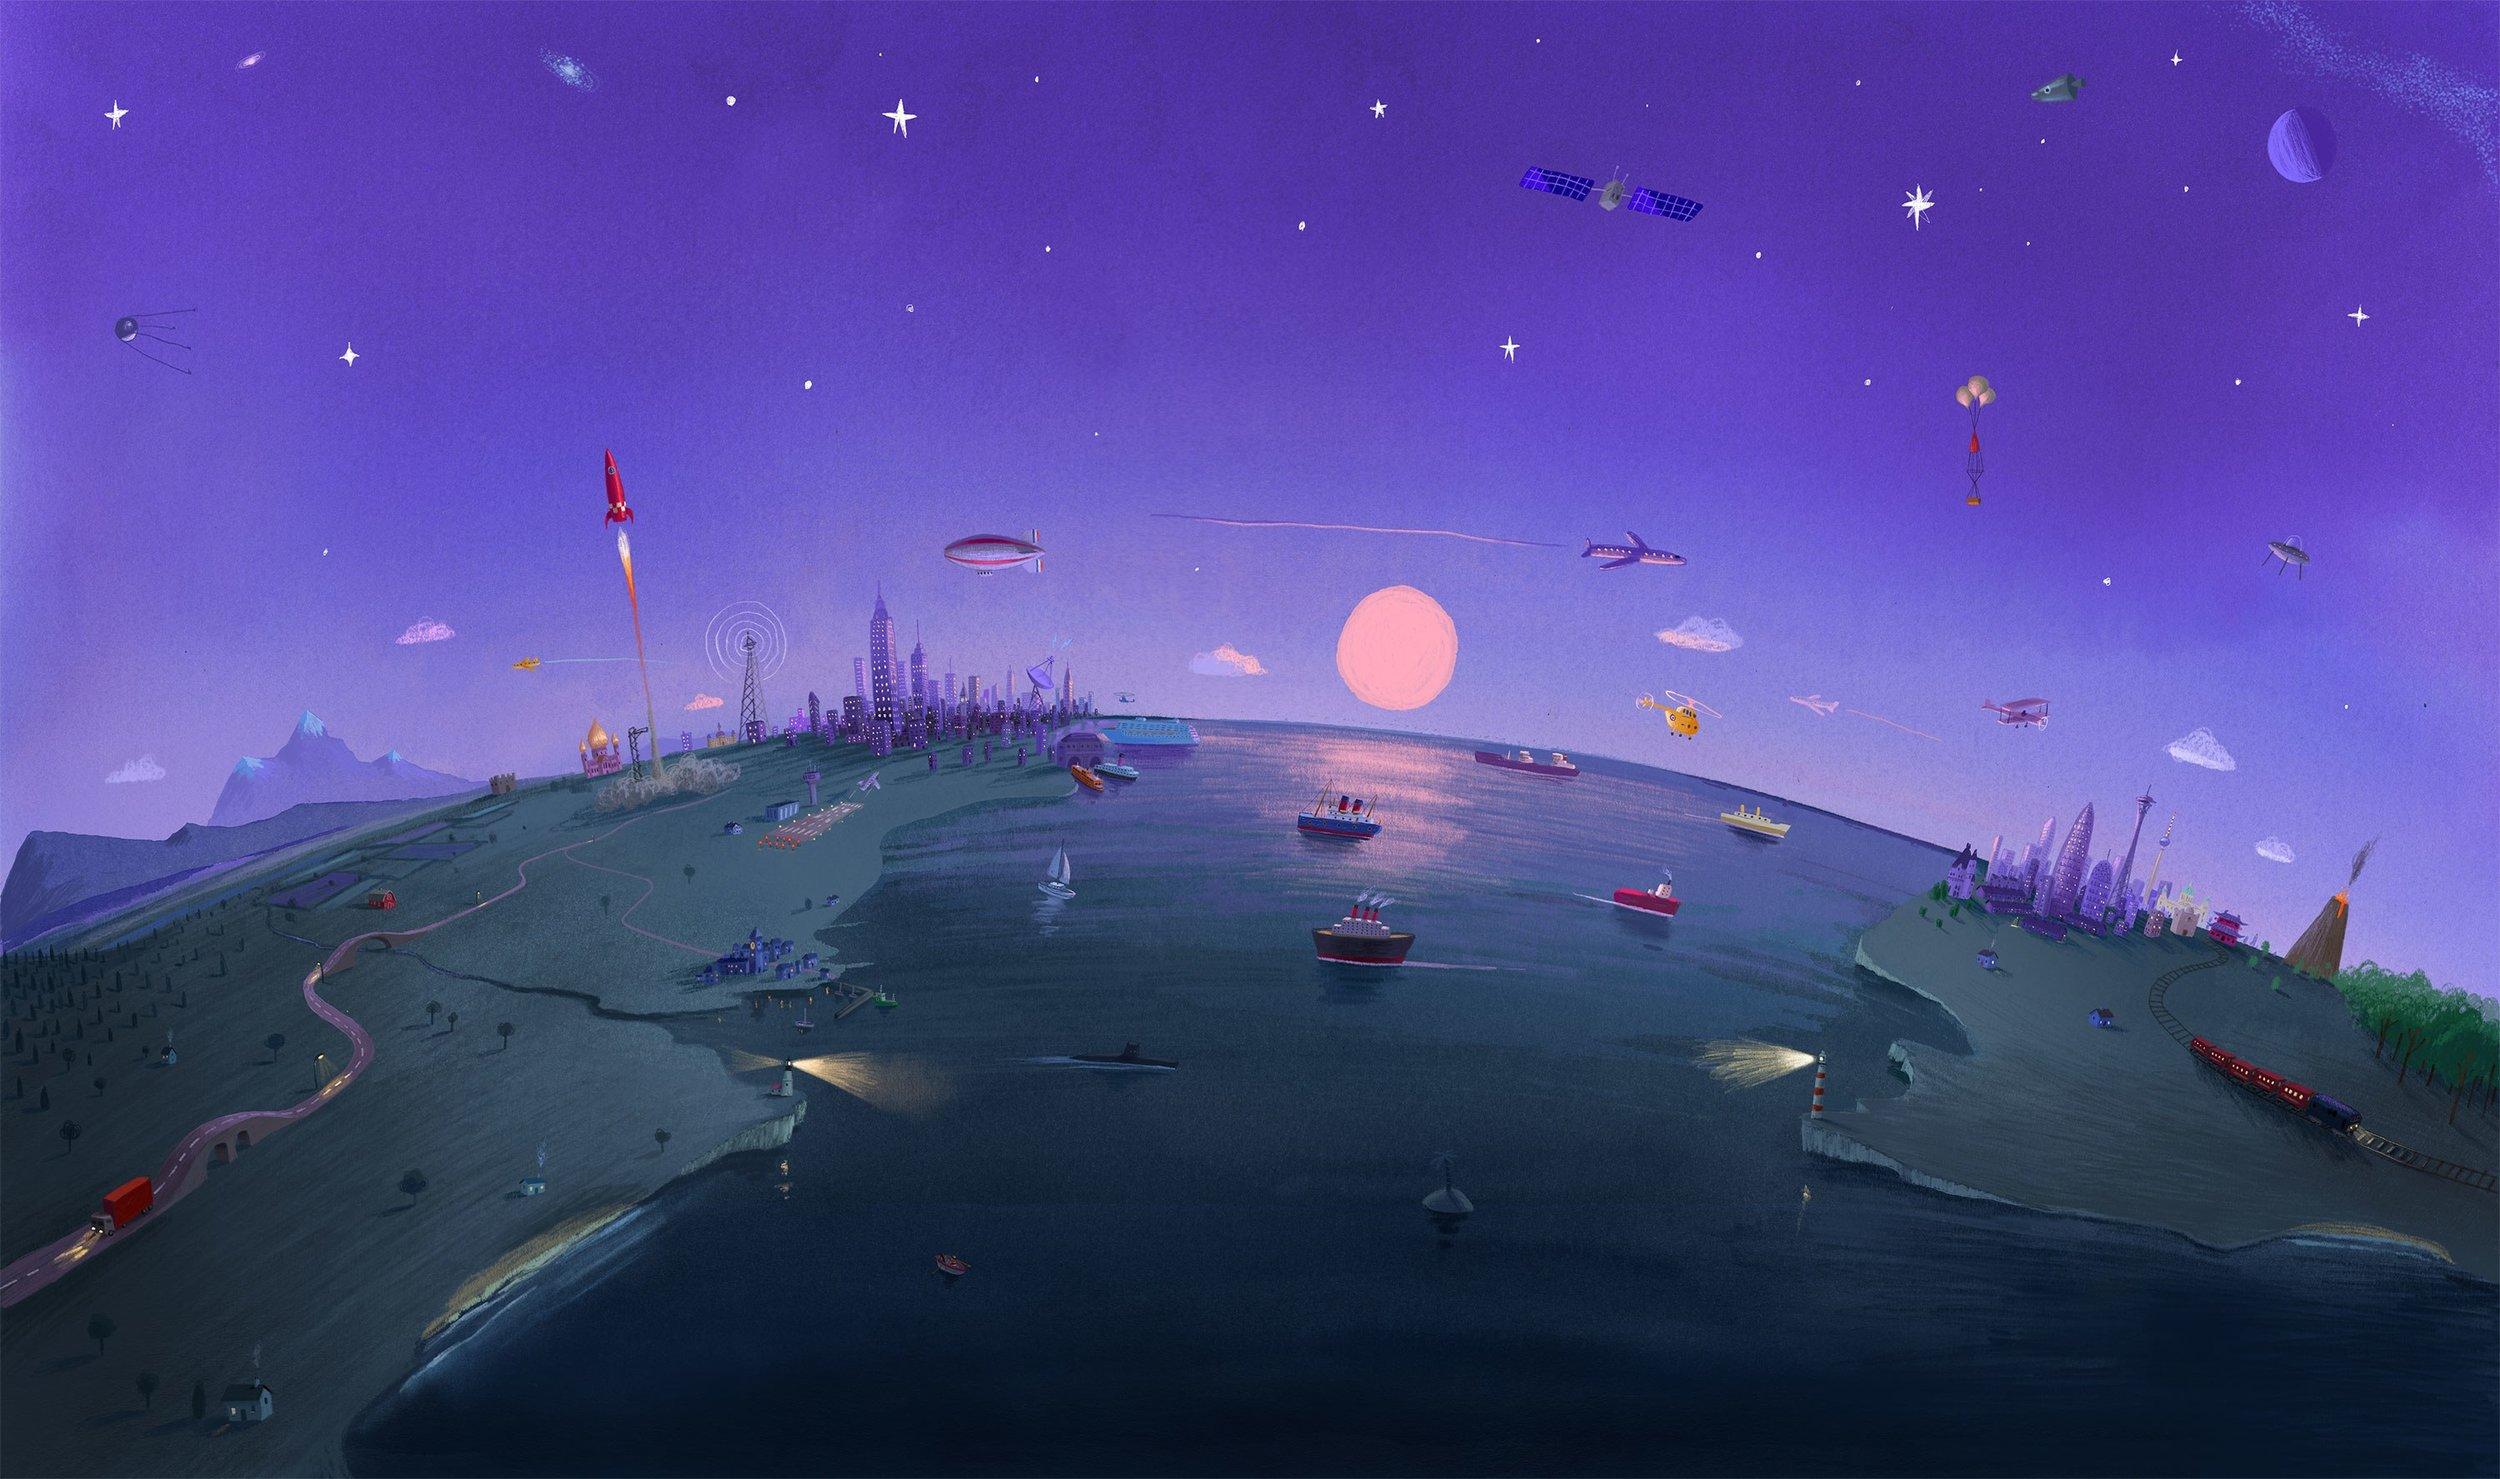 Ilustración de Oliver Jeffers.